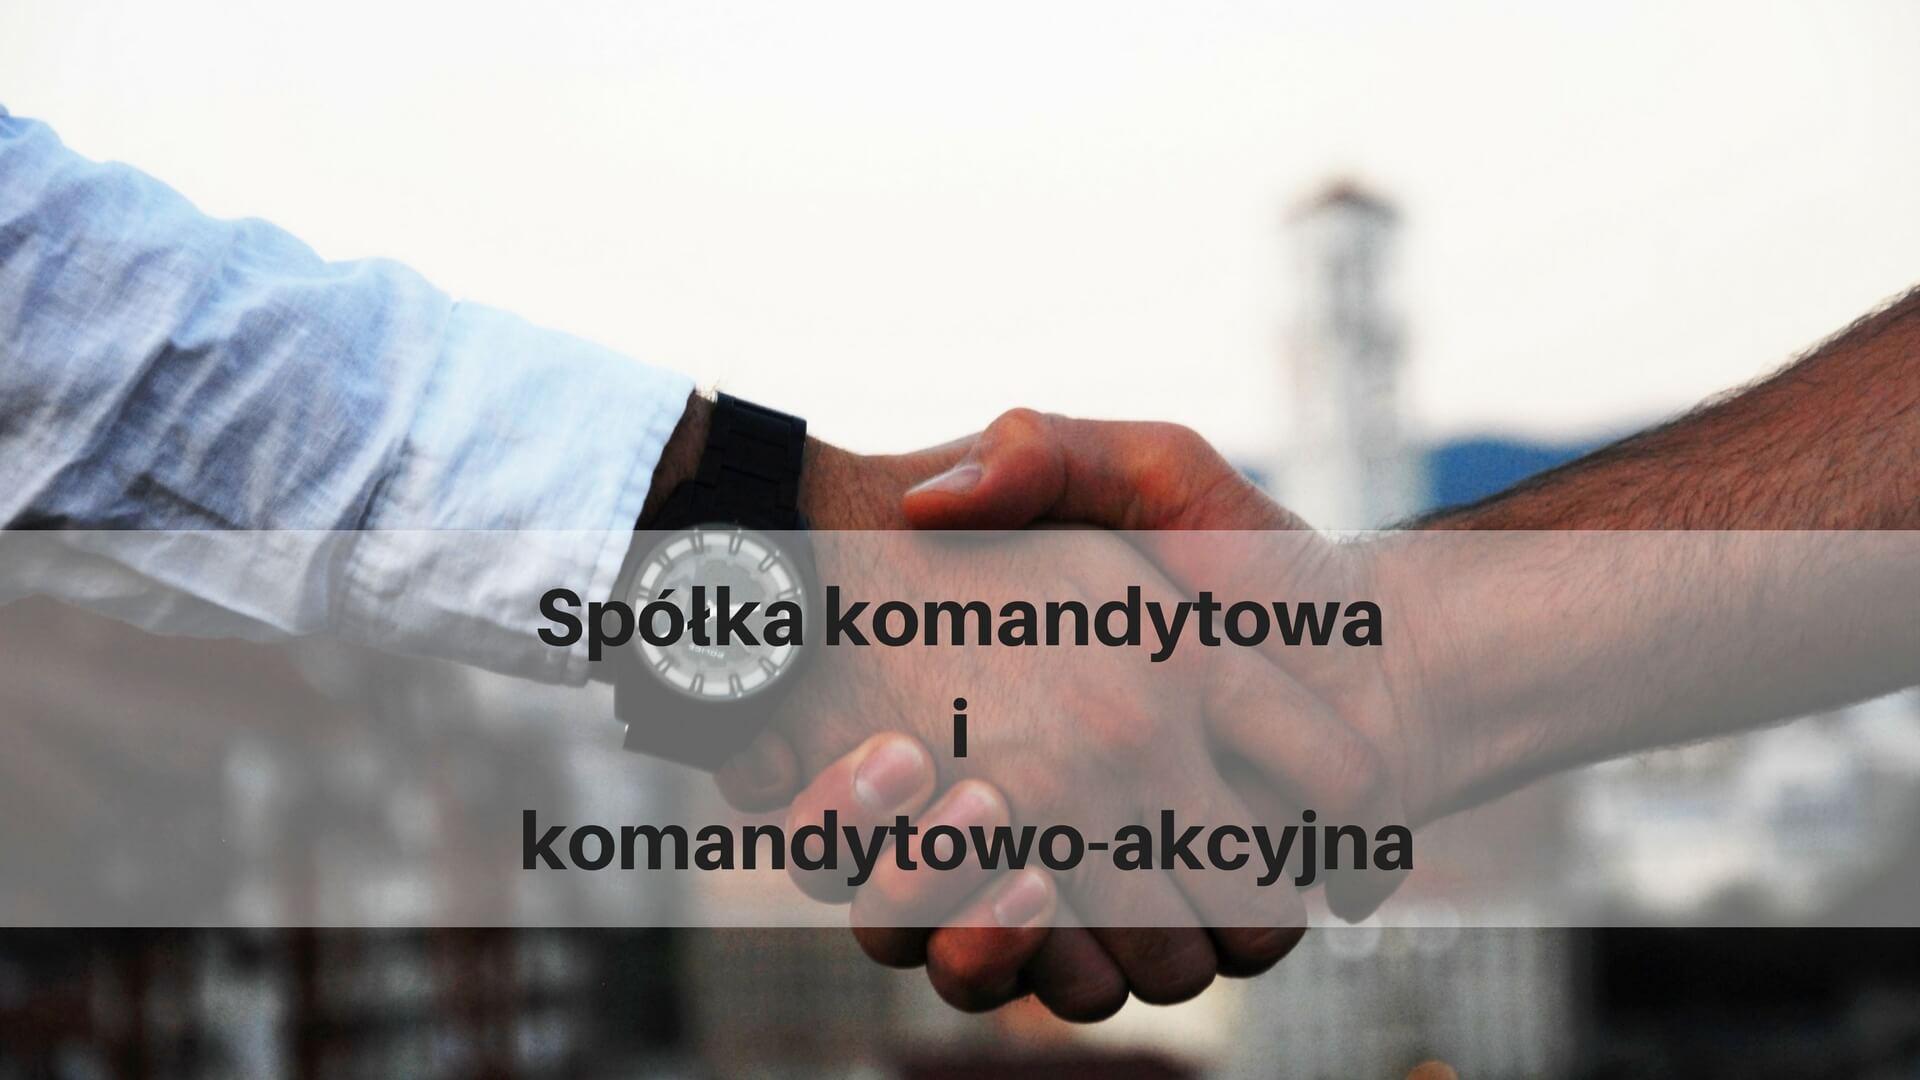 Spółka komandytowa i komandytowo-akcyjna